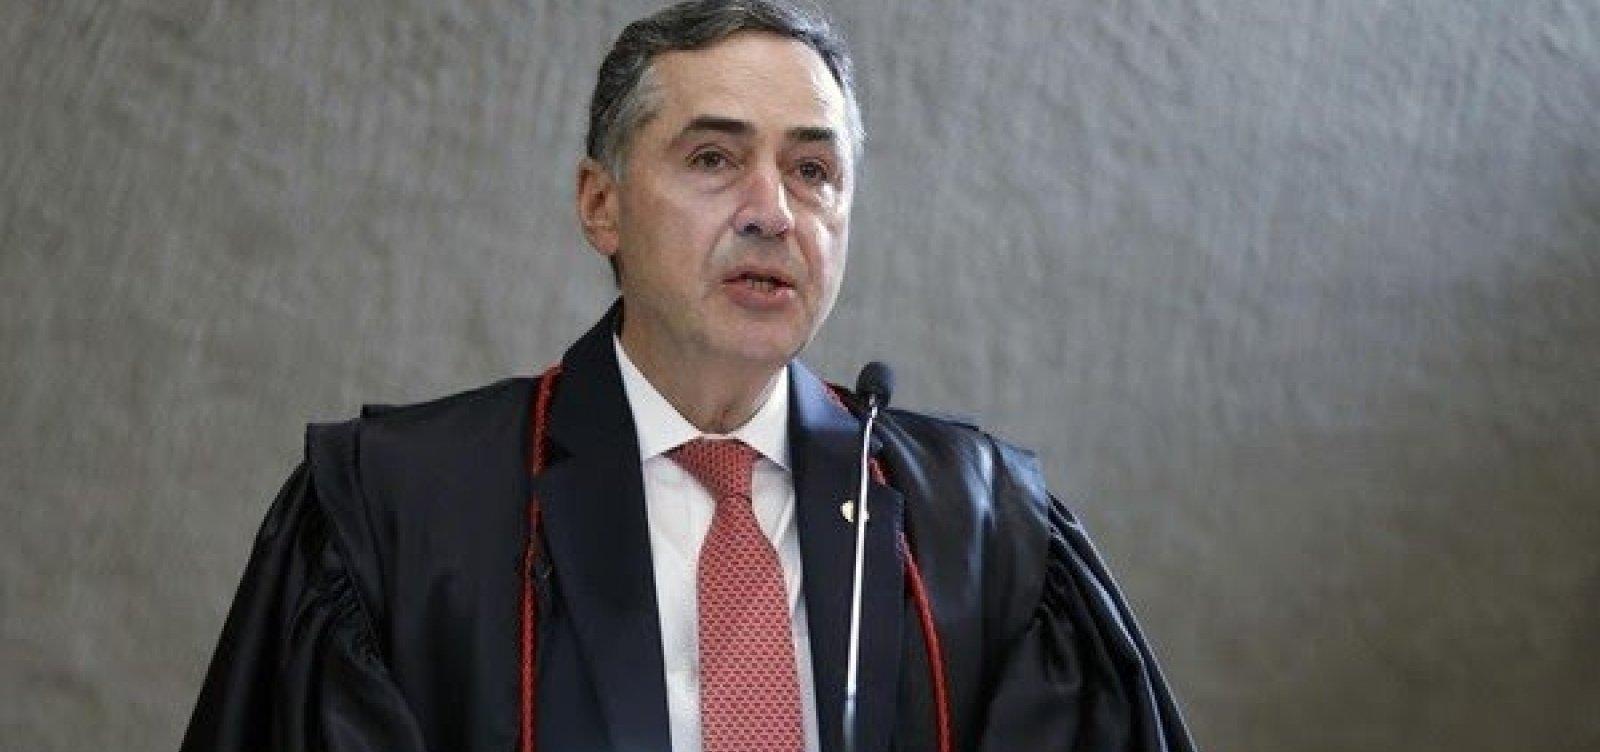 [Presidente do TSE pauta ações que pedem cassação da chapa Bolsonaro-Mourão]